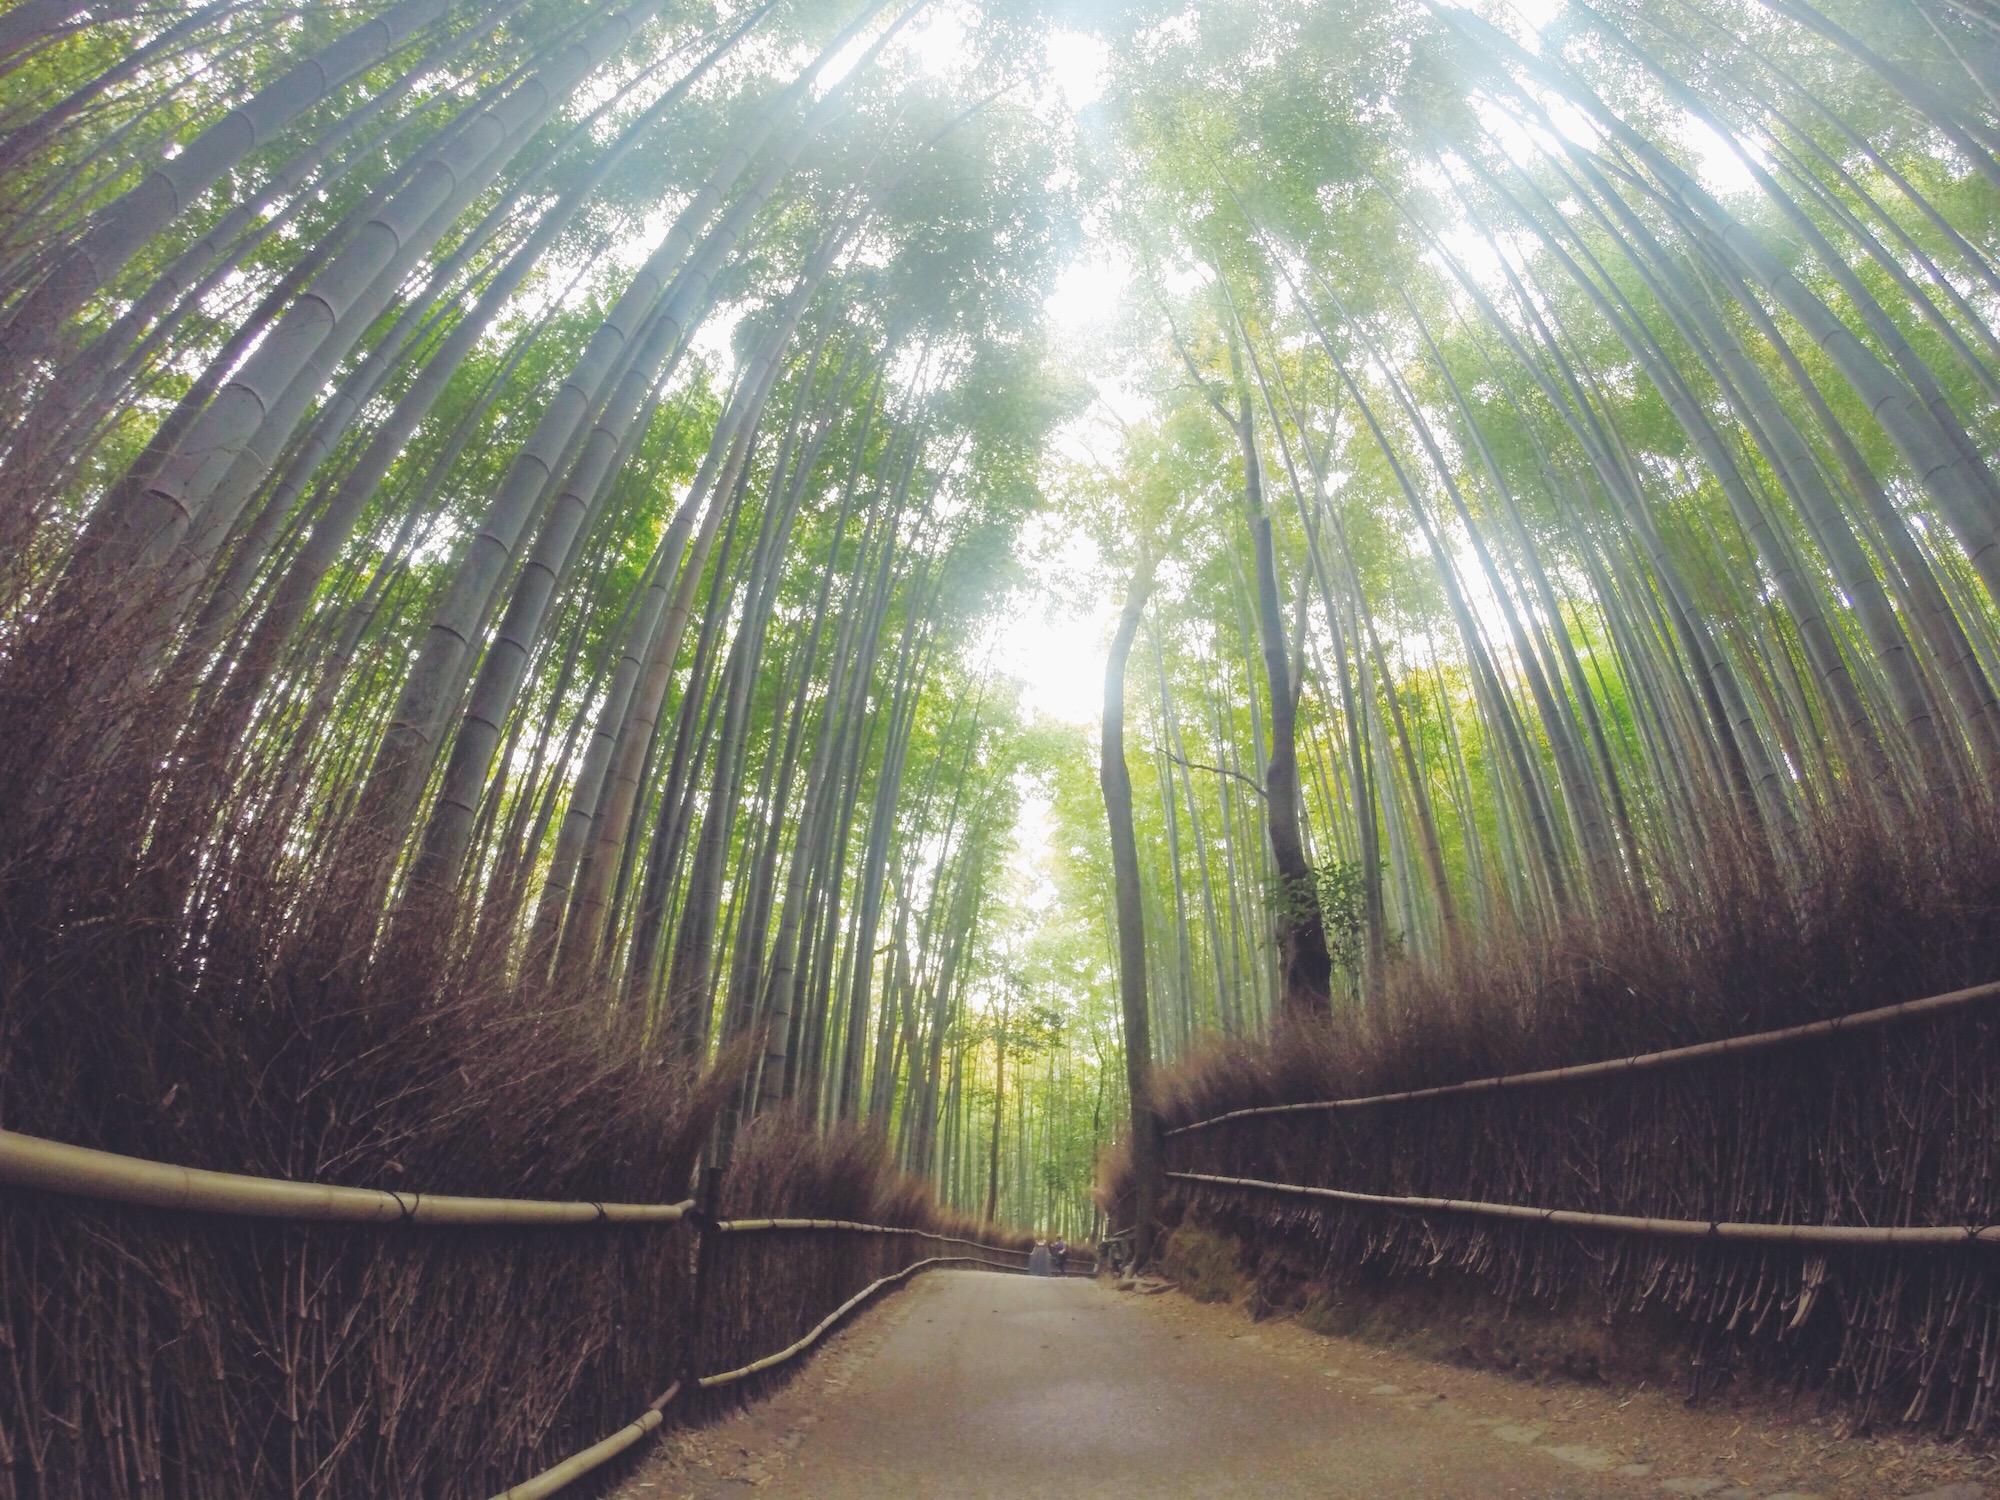 La Foresta di bambù di Arashiyama (anche con la Gopro)